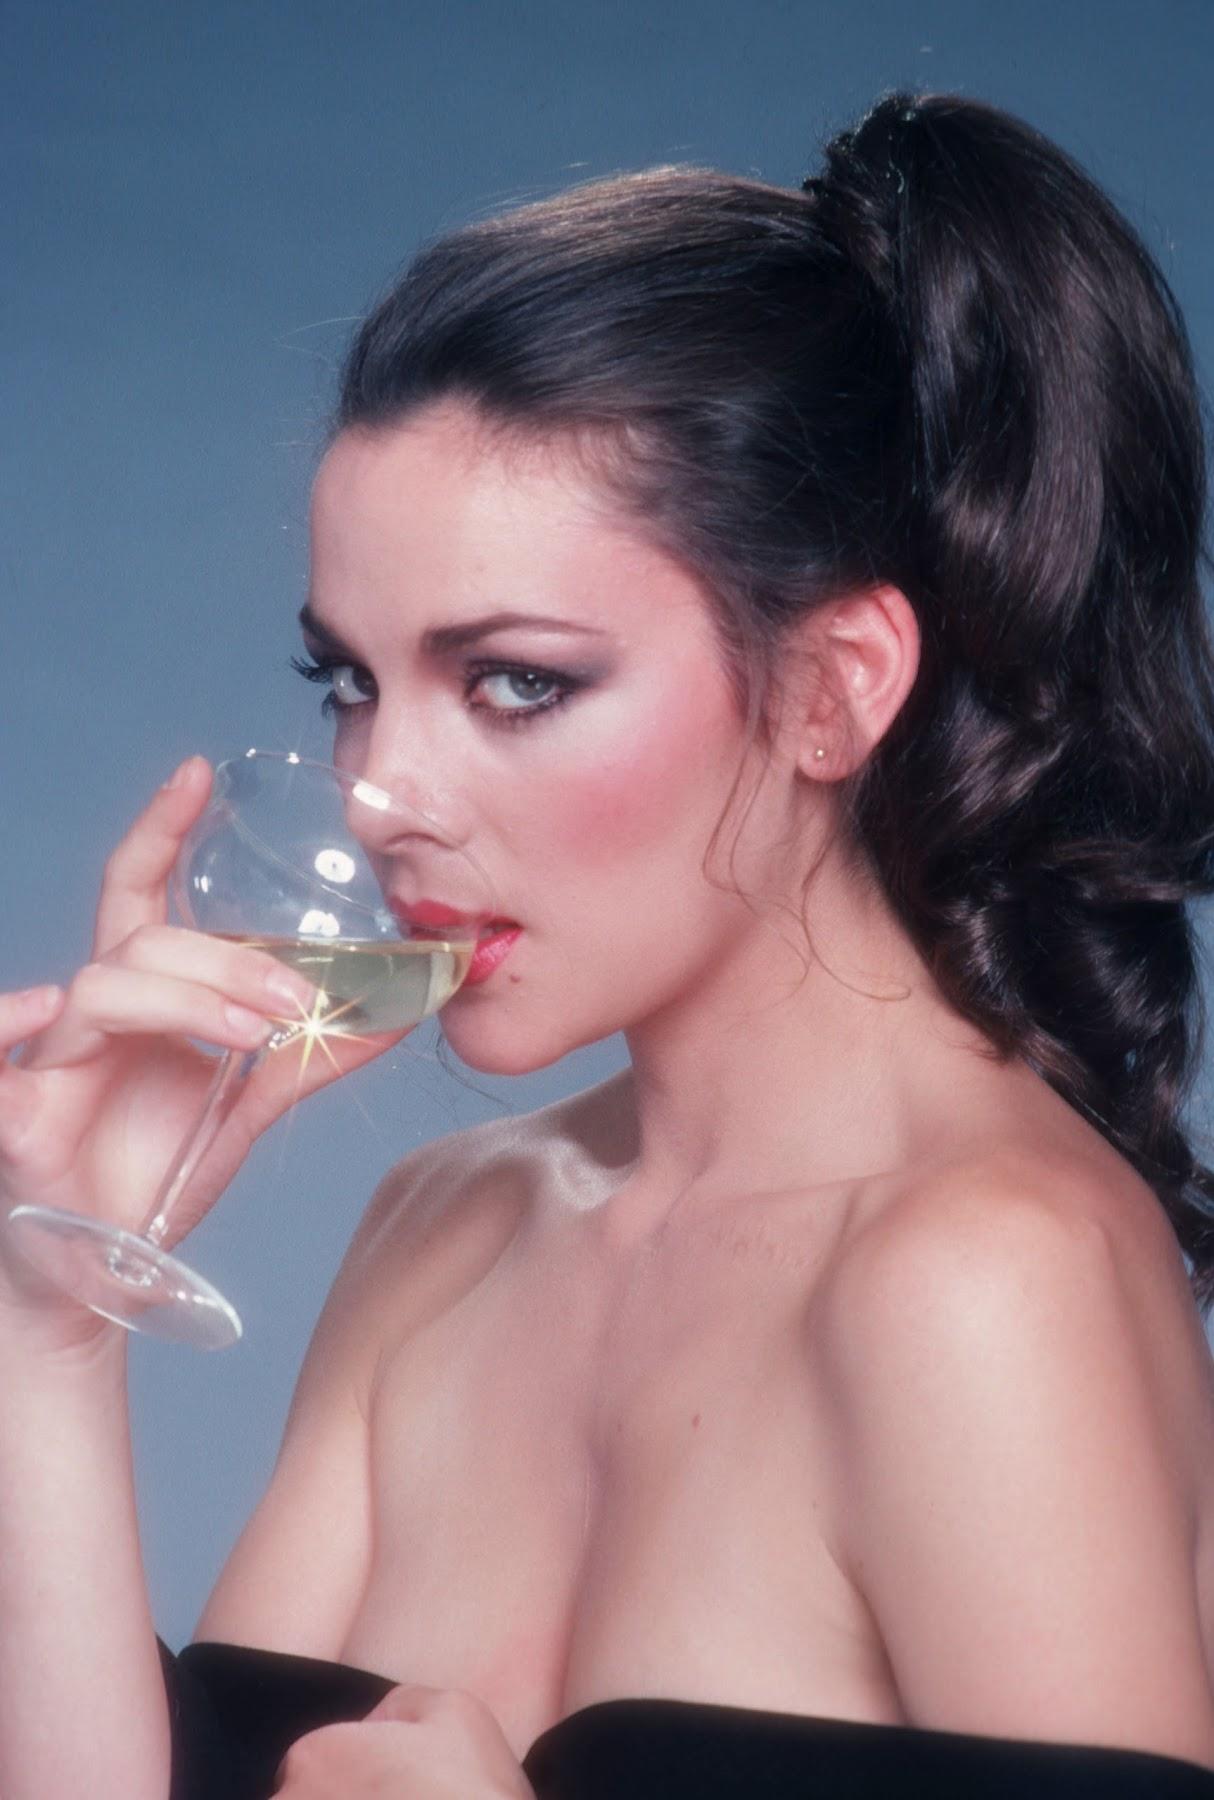 http://4.bp.blogspot.com/-bxgOm4nAkoA/TyFdoKJM6RI/AAAAAAAAKUk/h0A4XD0d4Zc/s1800/Kim+Cattrall.jpg